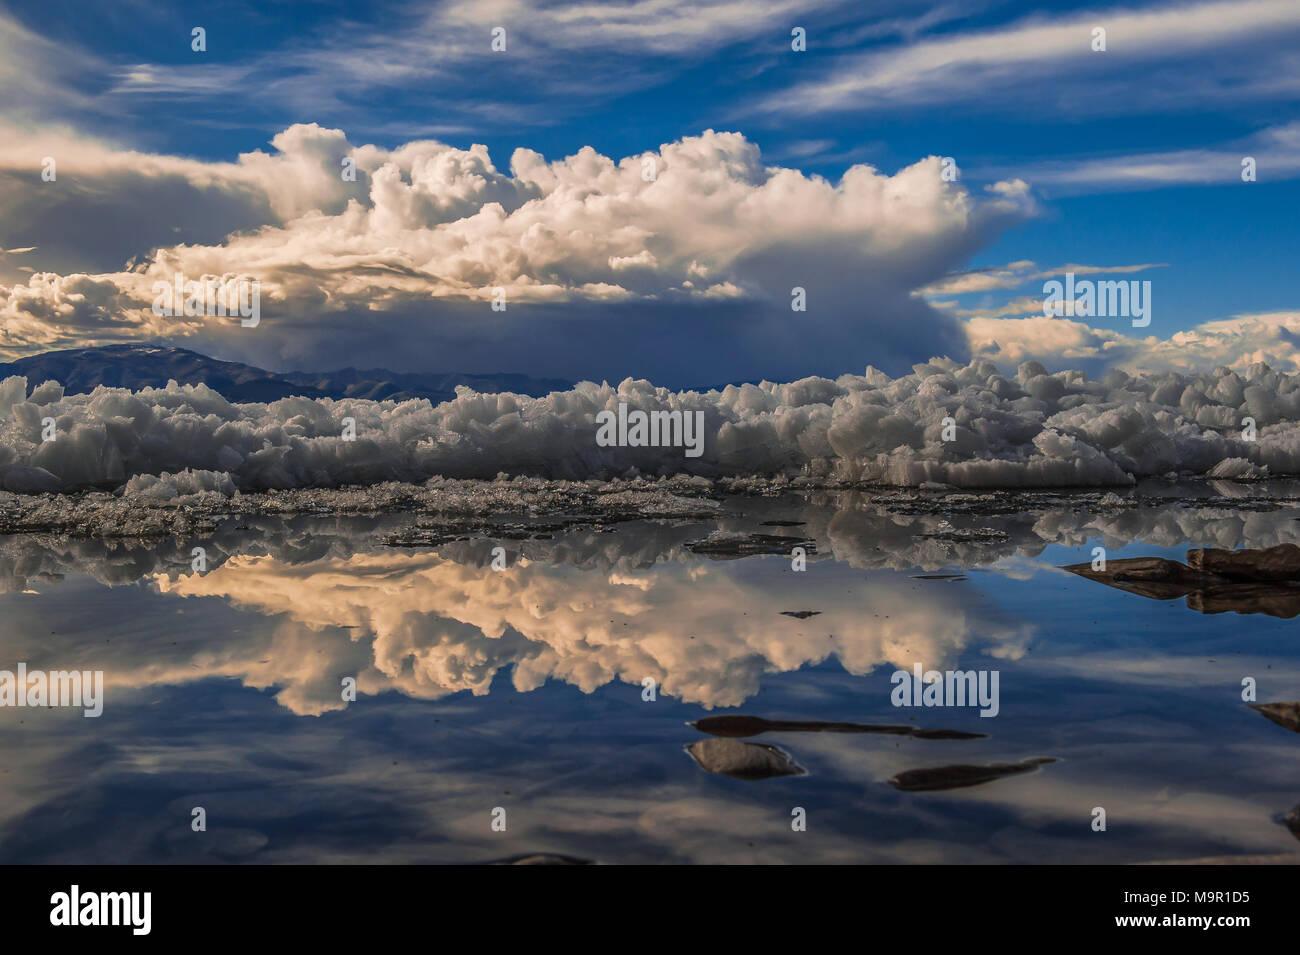 Las estructuras de hielo con agua reflexión en el lago Khuvsgul, Mongolia Imagen De Stock